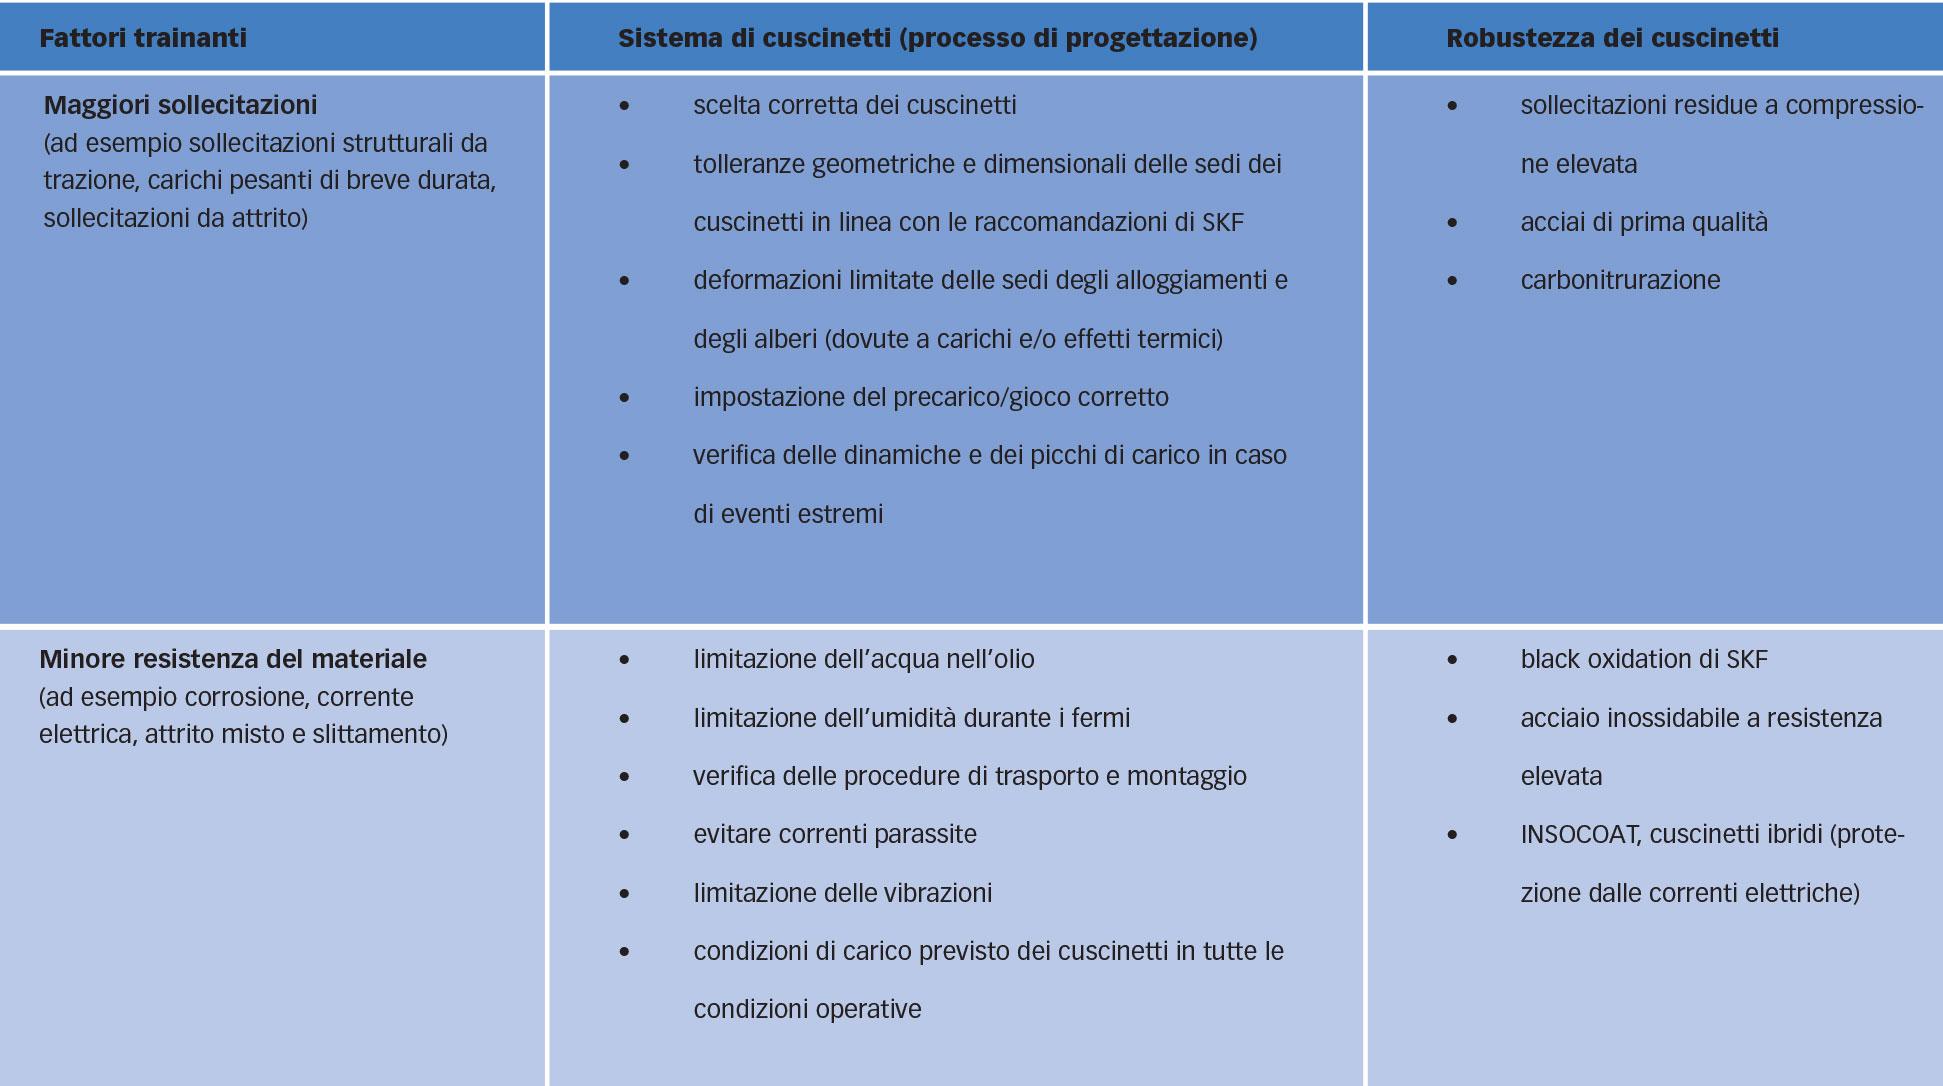 Tabella 1: Raccomandazioni per evitare cedimenti prematuri dovuti a erosione.